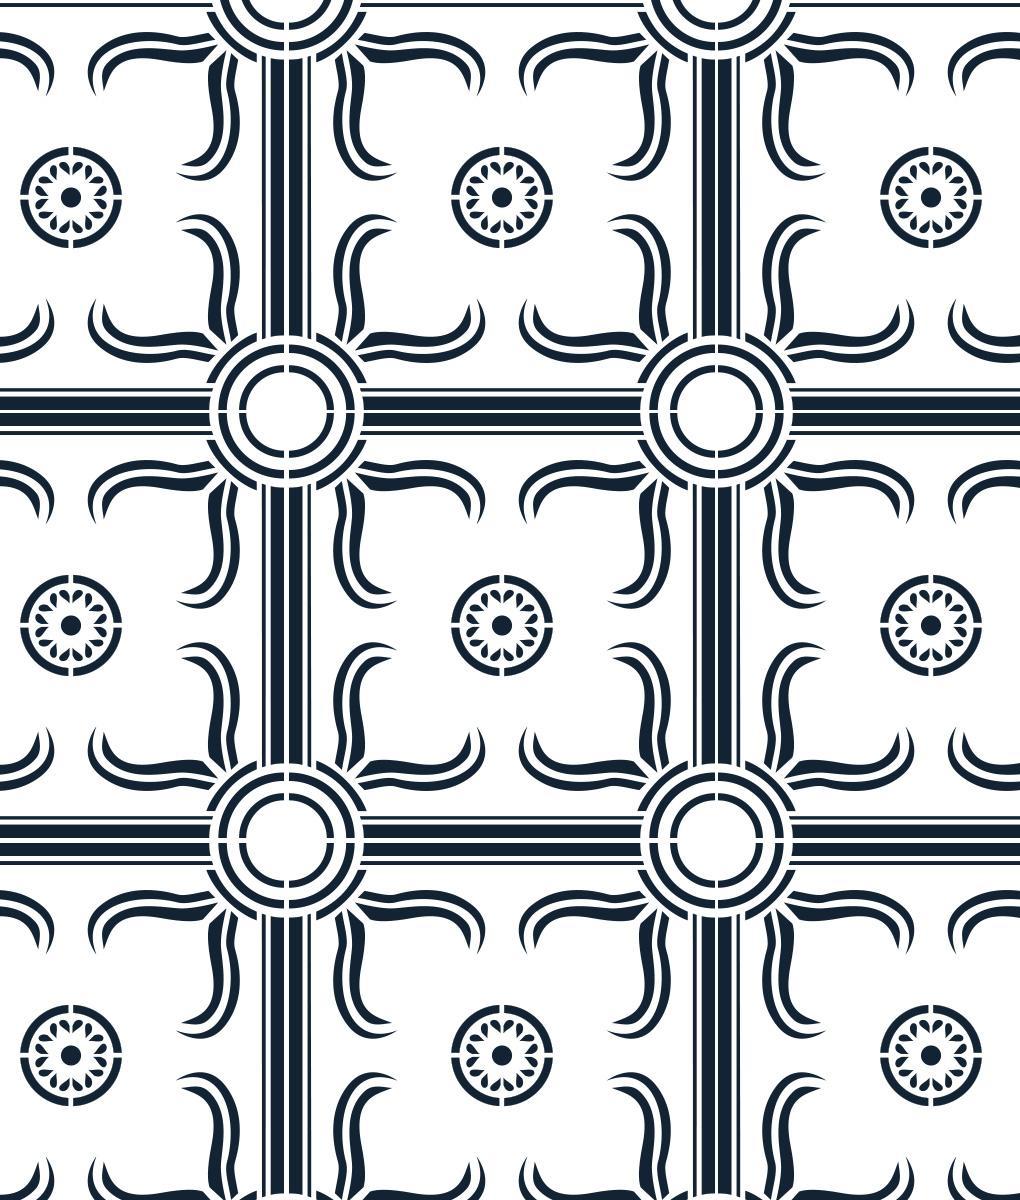 Šablóny - obkladačkové vzory 👍👍👍 - Obrázok č. 60